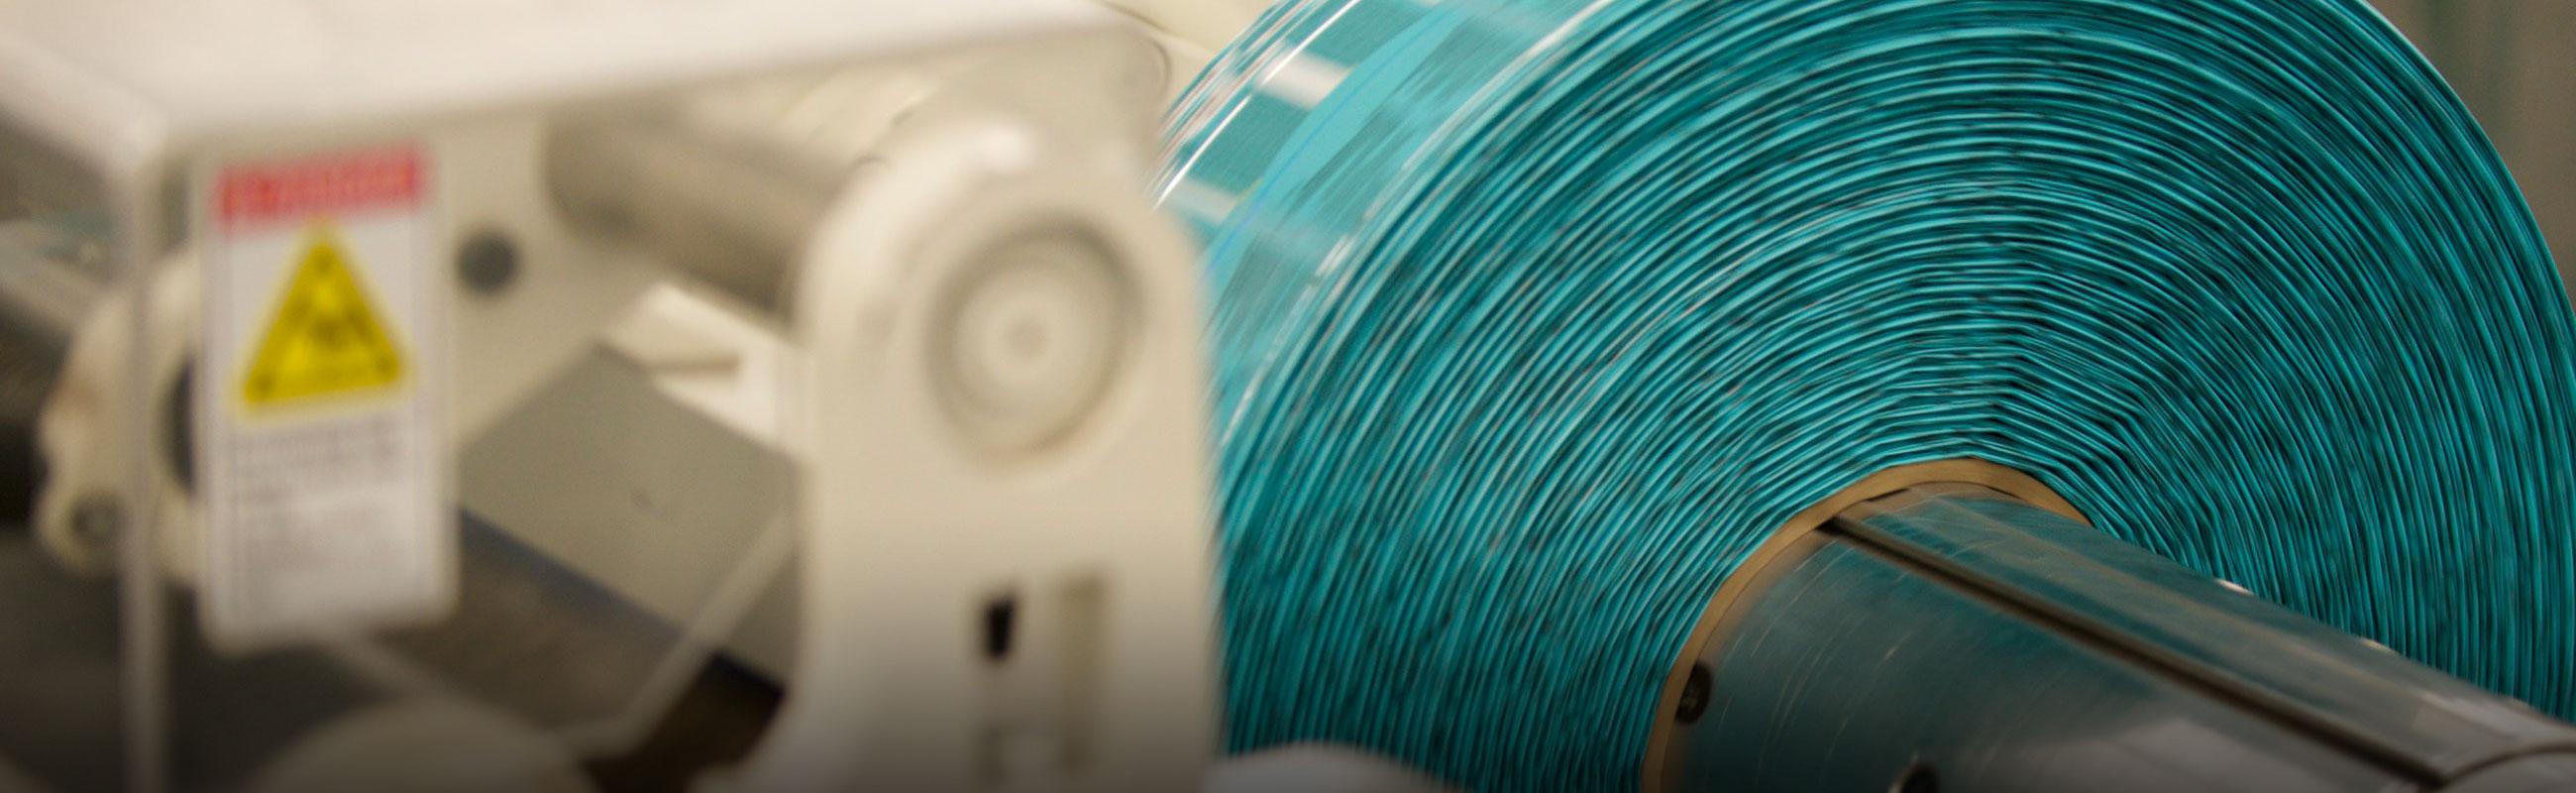 Printing shrink sleeves atlantic